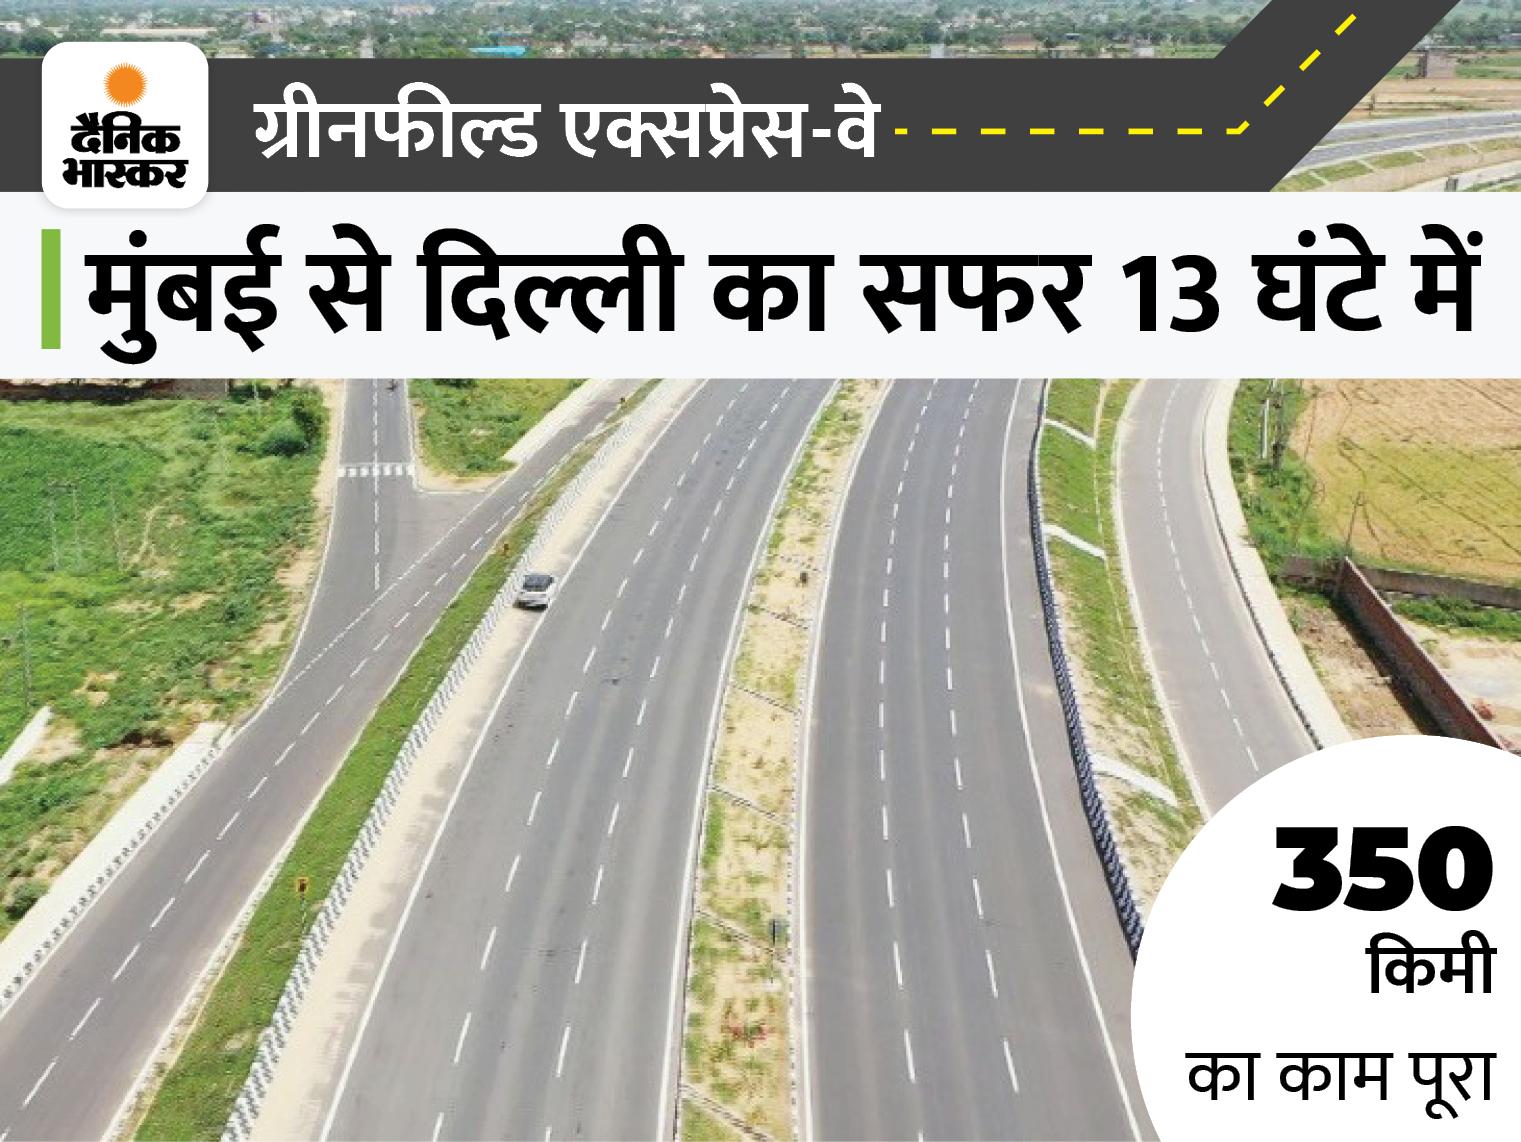 5 राज्यों से गुजरेगा 1350 किलोमीटर लंबा रास्ता, इलेक्ट्रिक व्हीकल के लिए 4 लेन होंगी, 2023 में कंप्लीट होगा प्रोजेक्ट|देश,National - Dainik Bhaskar